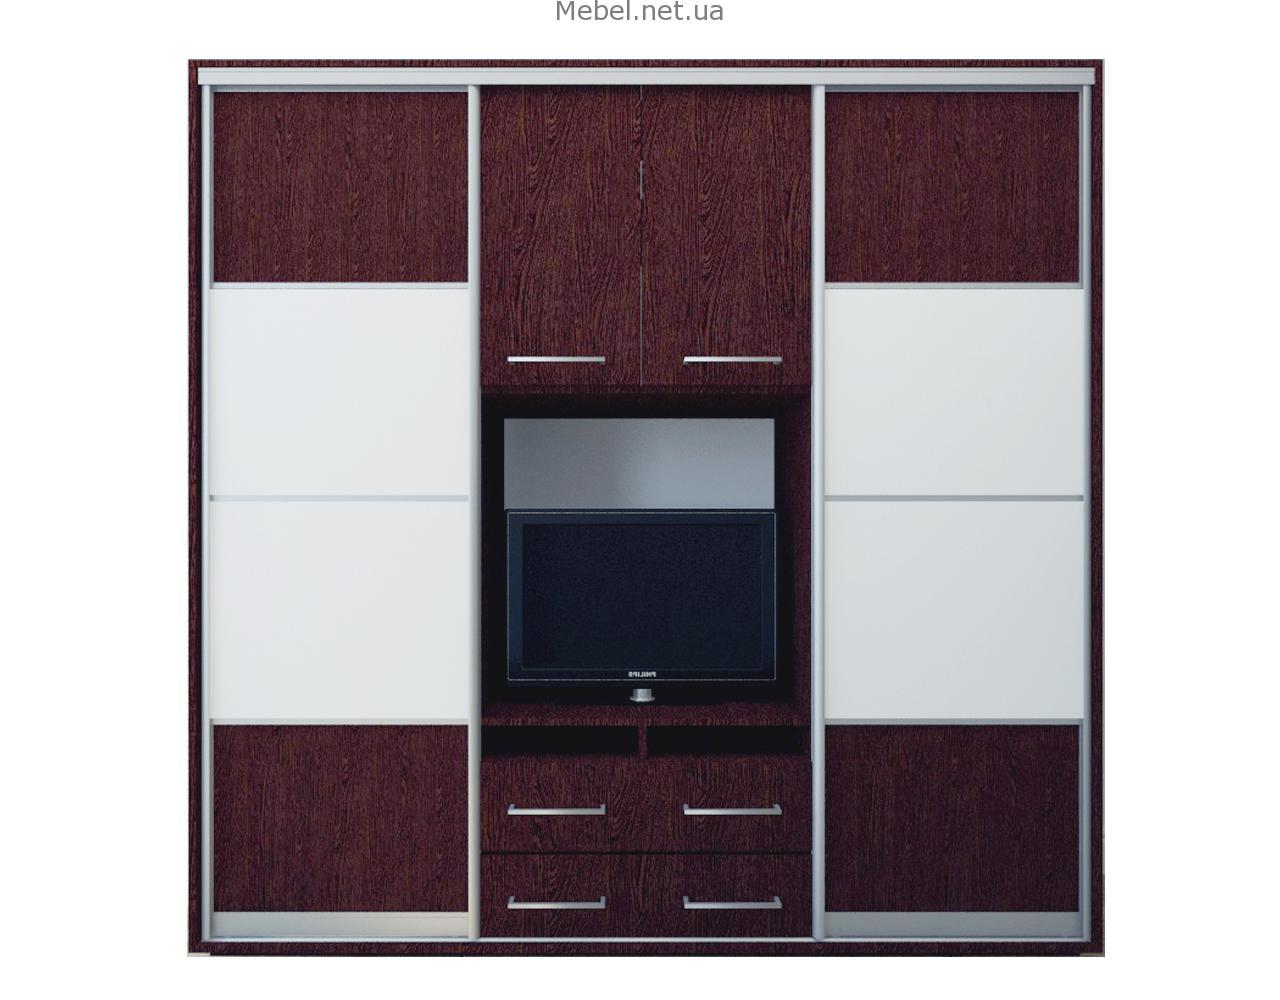 Шкаф-купе с полкой (нишей) под телевизор